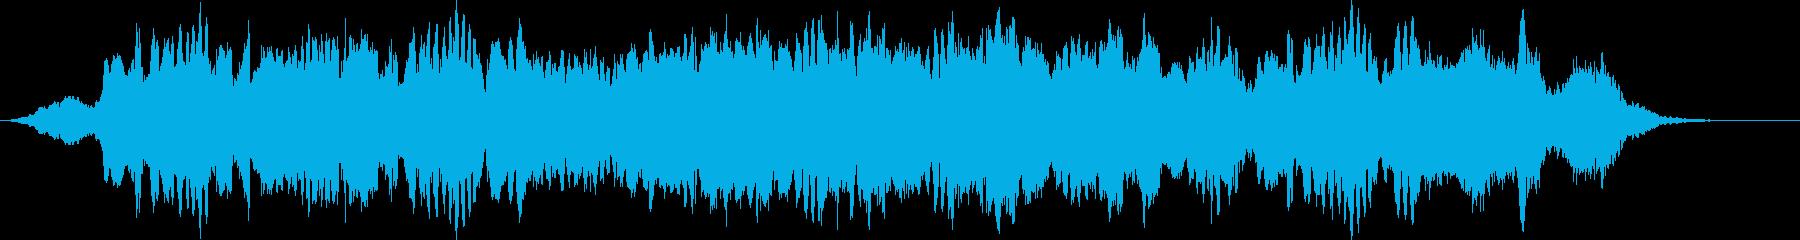 ジャズ センチメンタル 感情的 説...の再生済みの波形